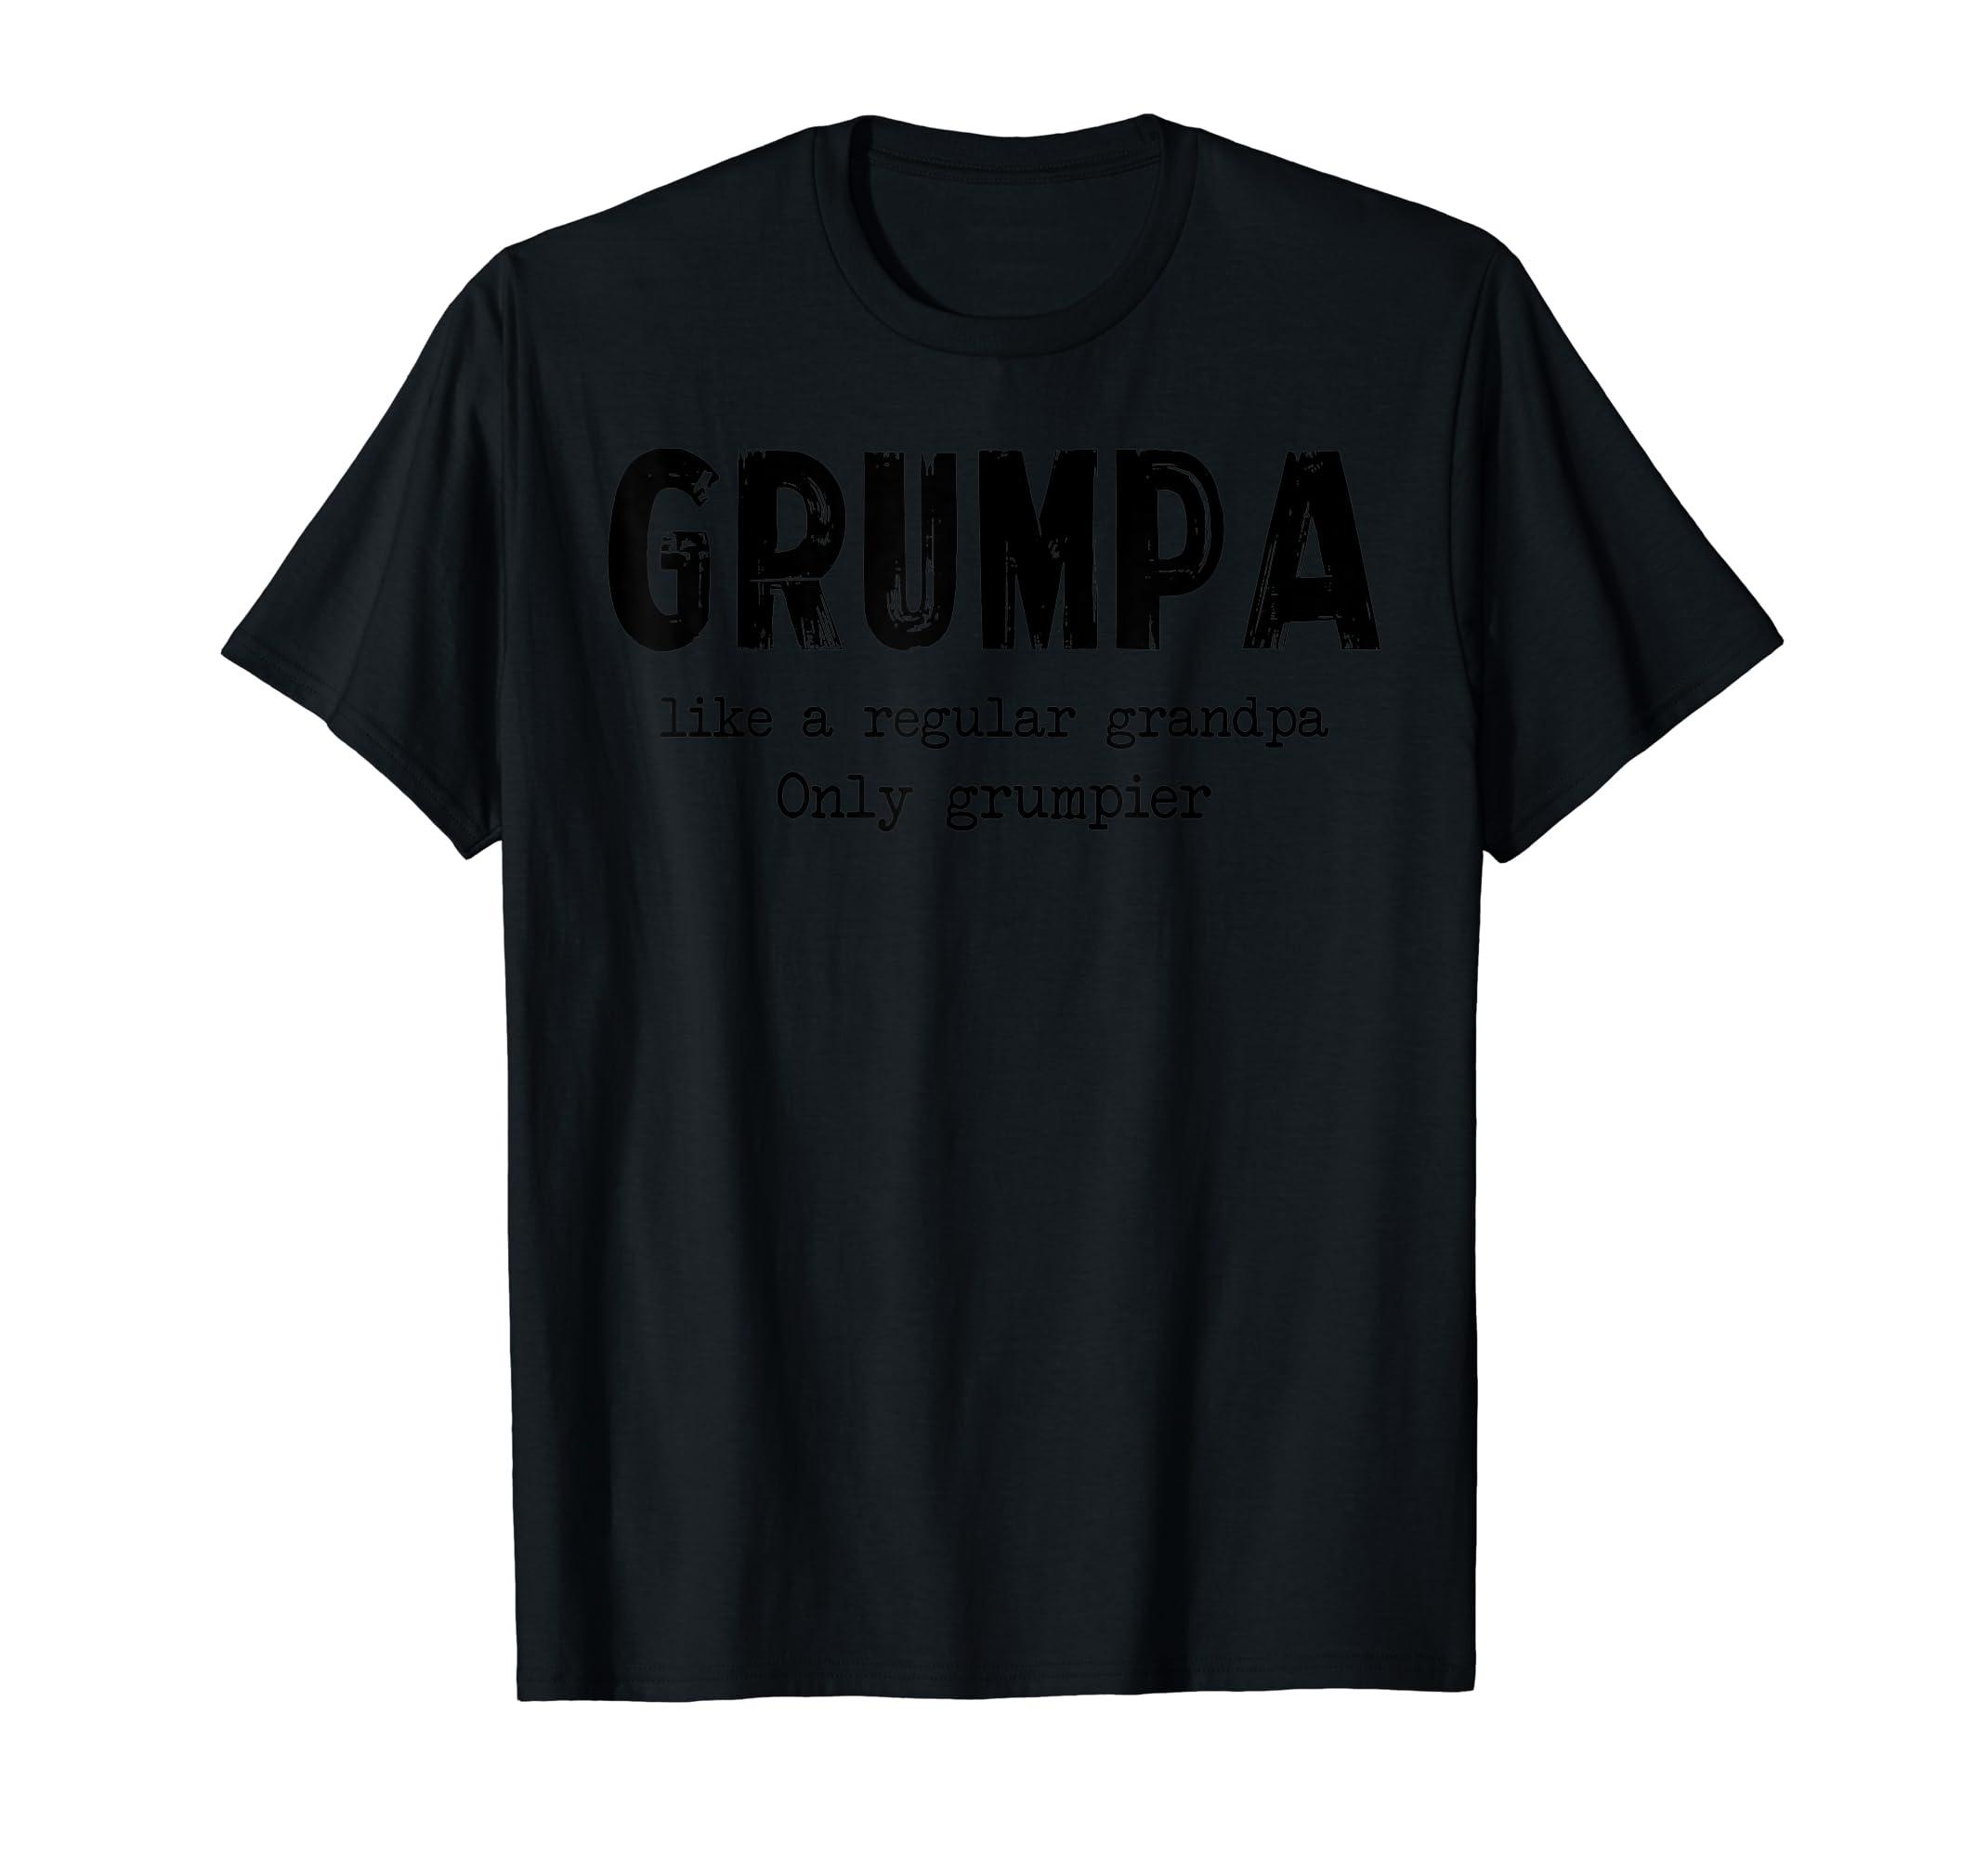 Grumpa Like A Regular Grandpa Only Grumpier T Shirt-Men's T-Shirt-Black